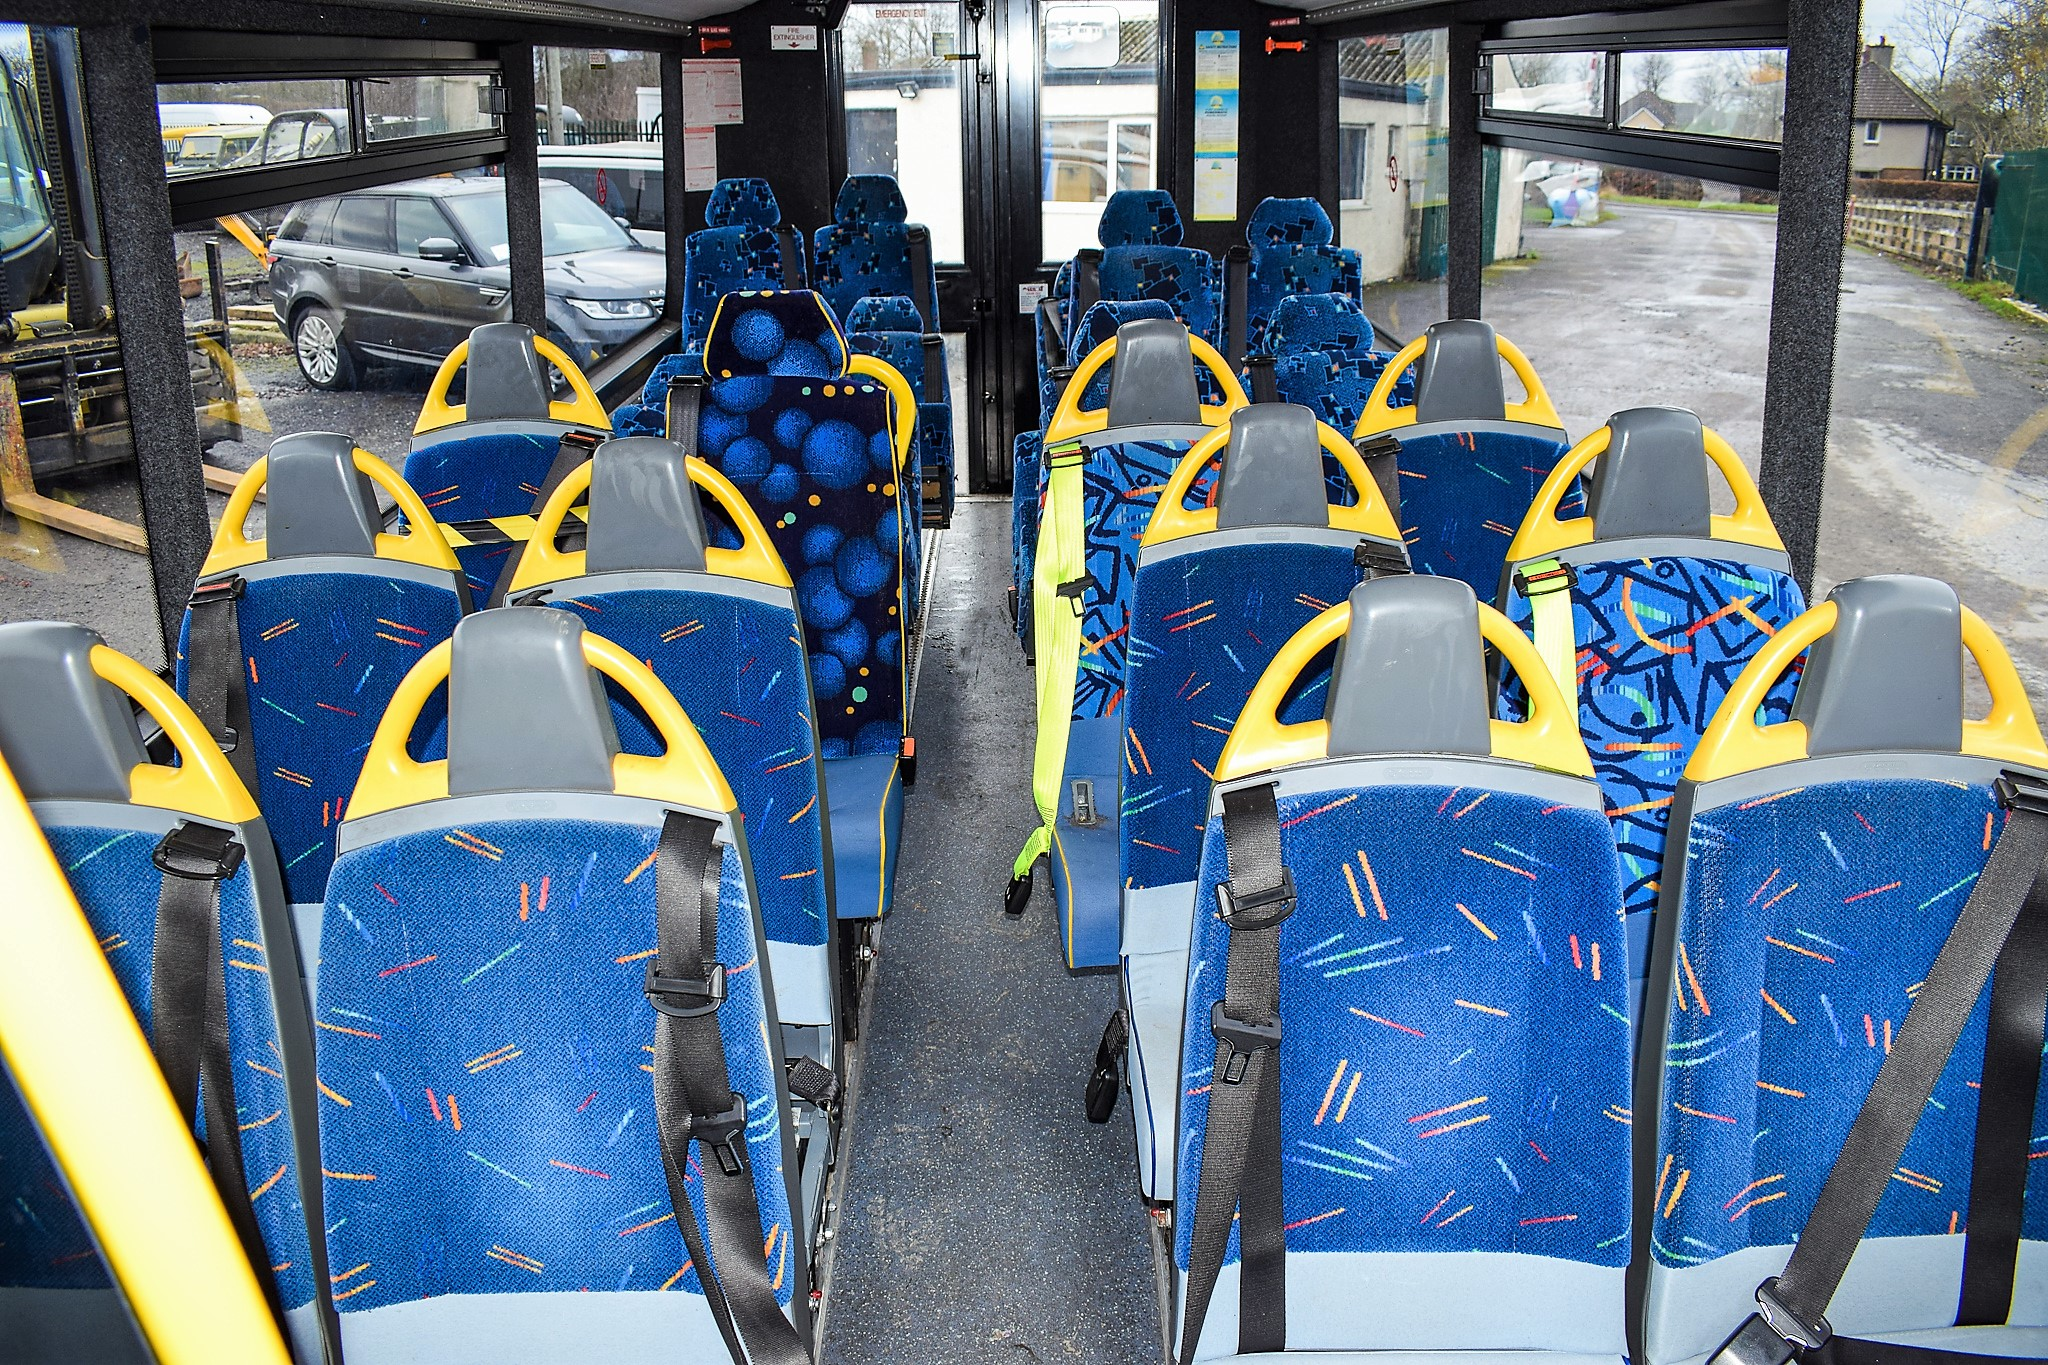 Lot 17C - Mercedes Benz O 813 24 seat mini bus Registration Number: DK58 HSC Date of Registration: 13/10/